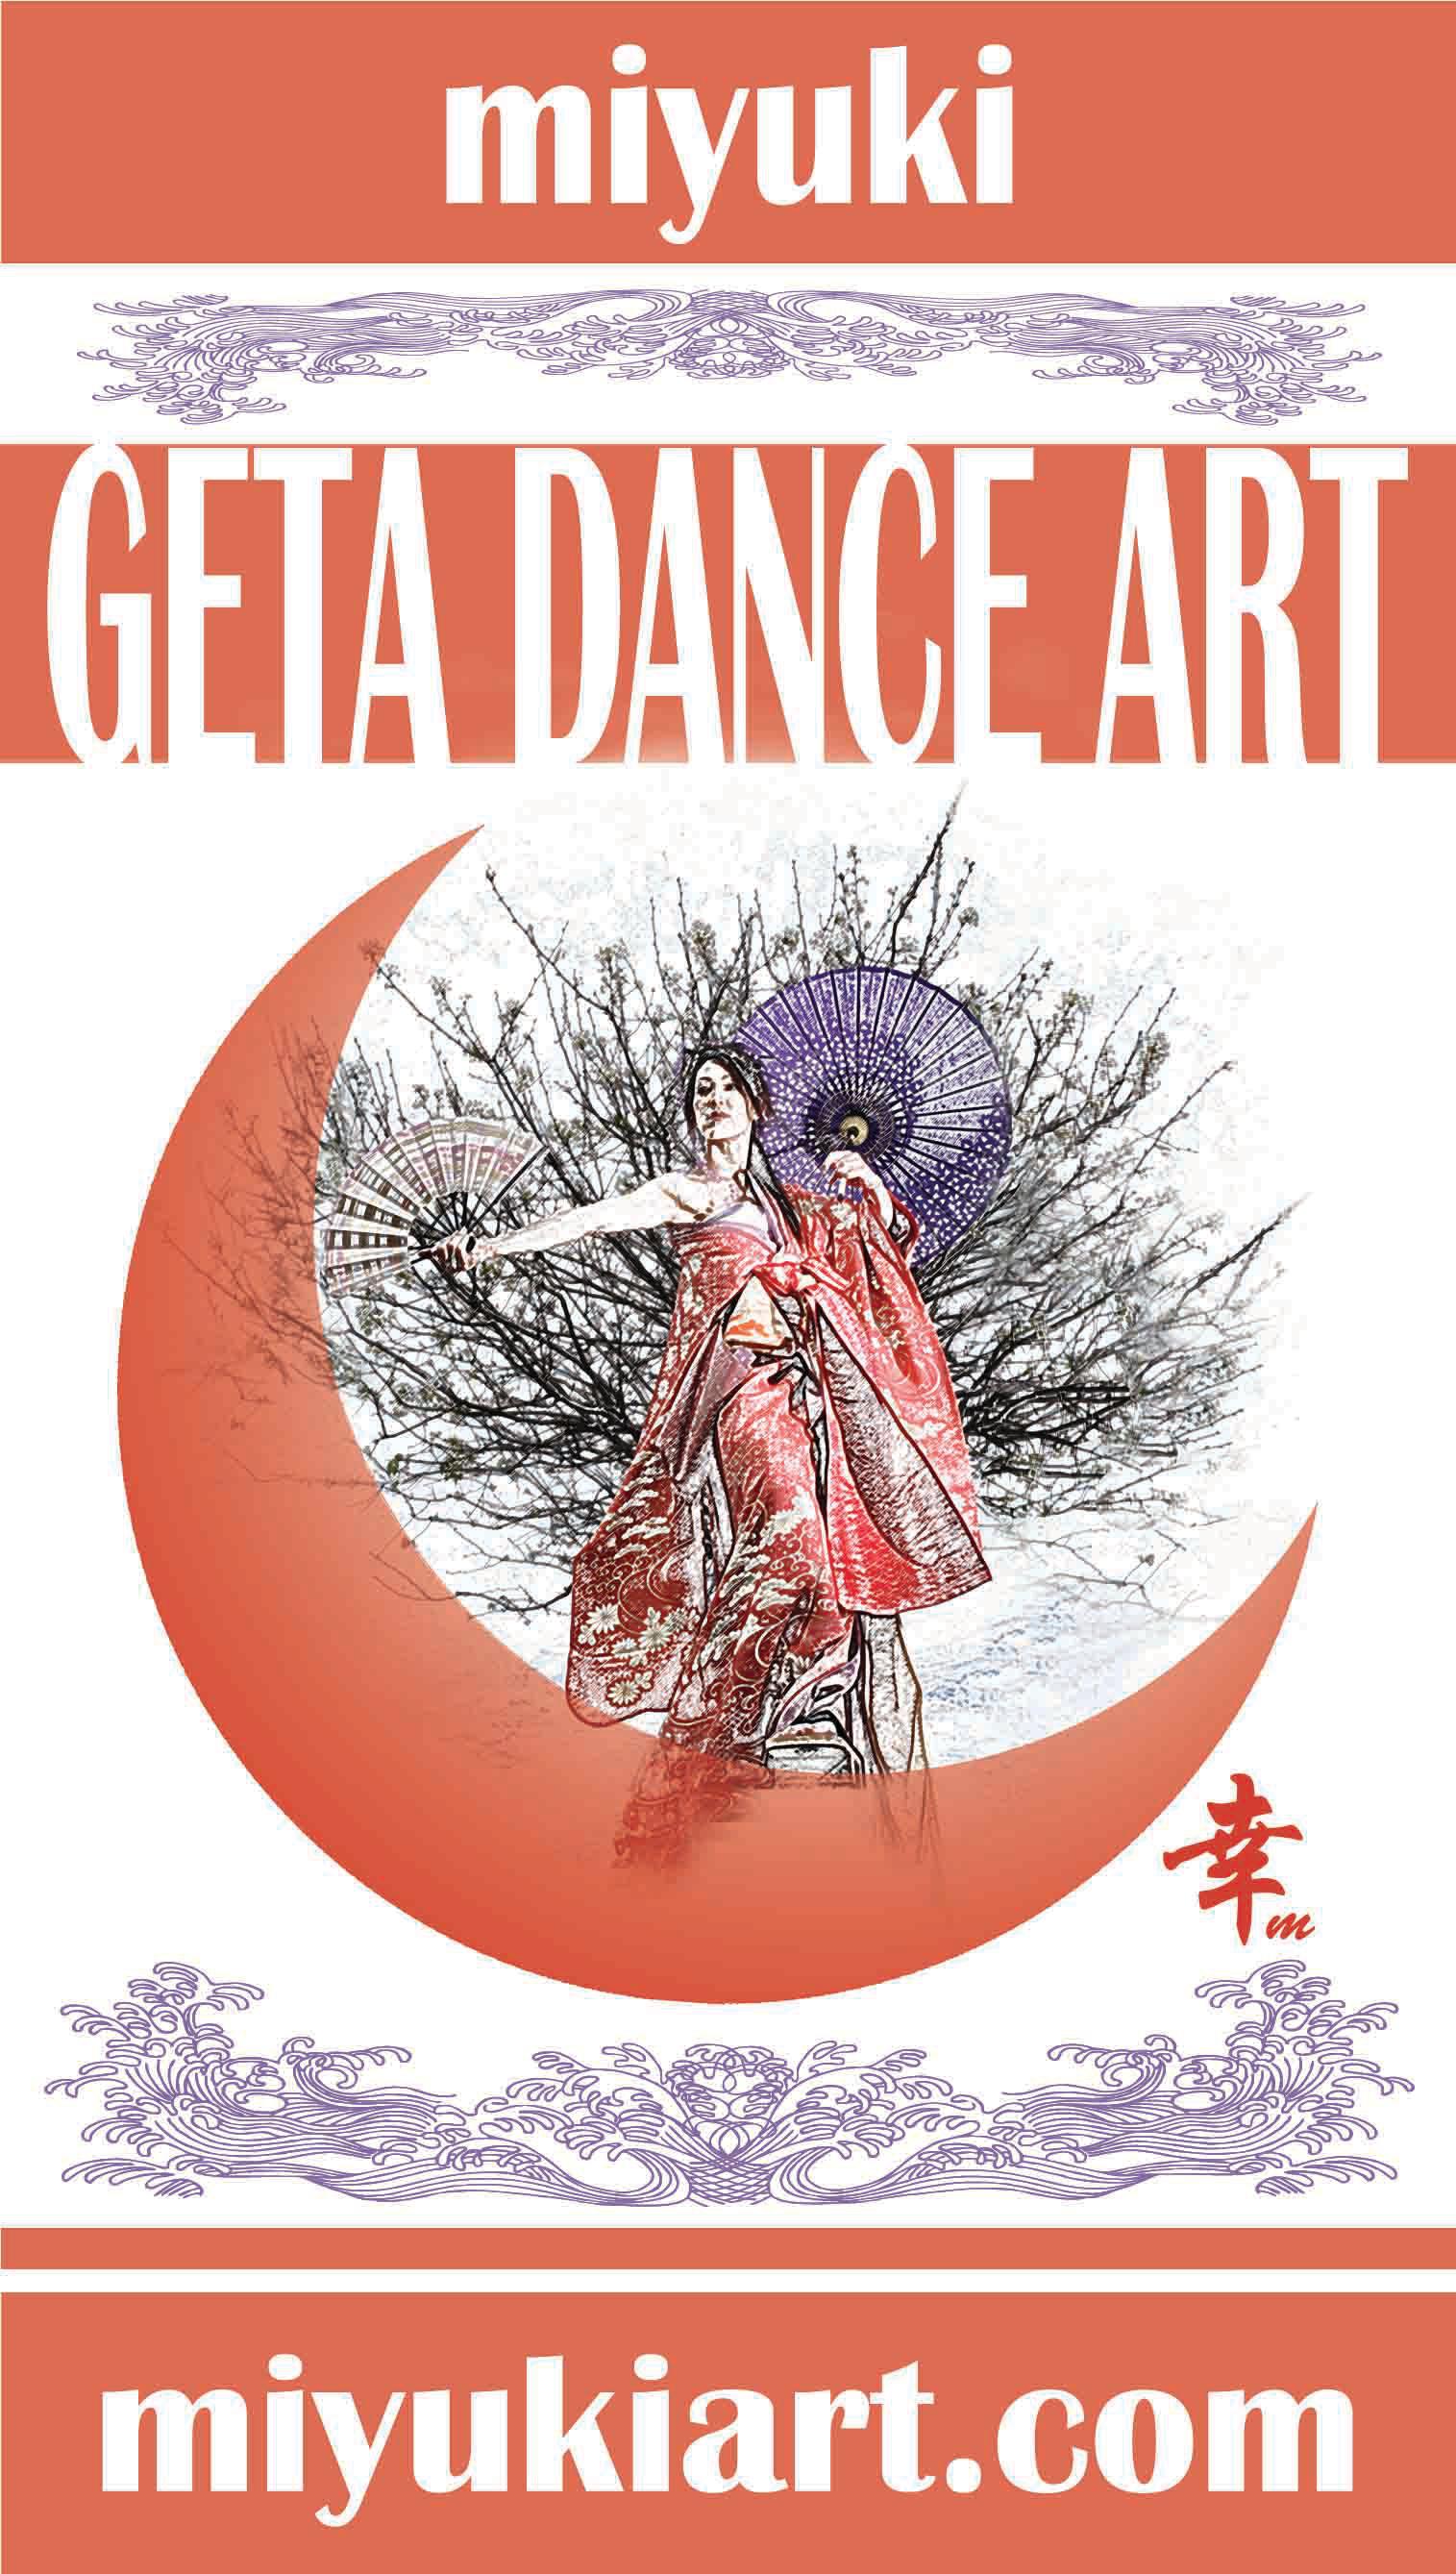 Miyuki Geta Dance Art Banners